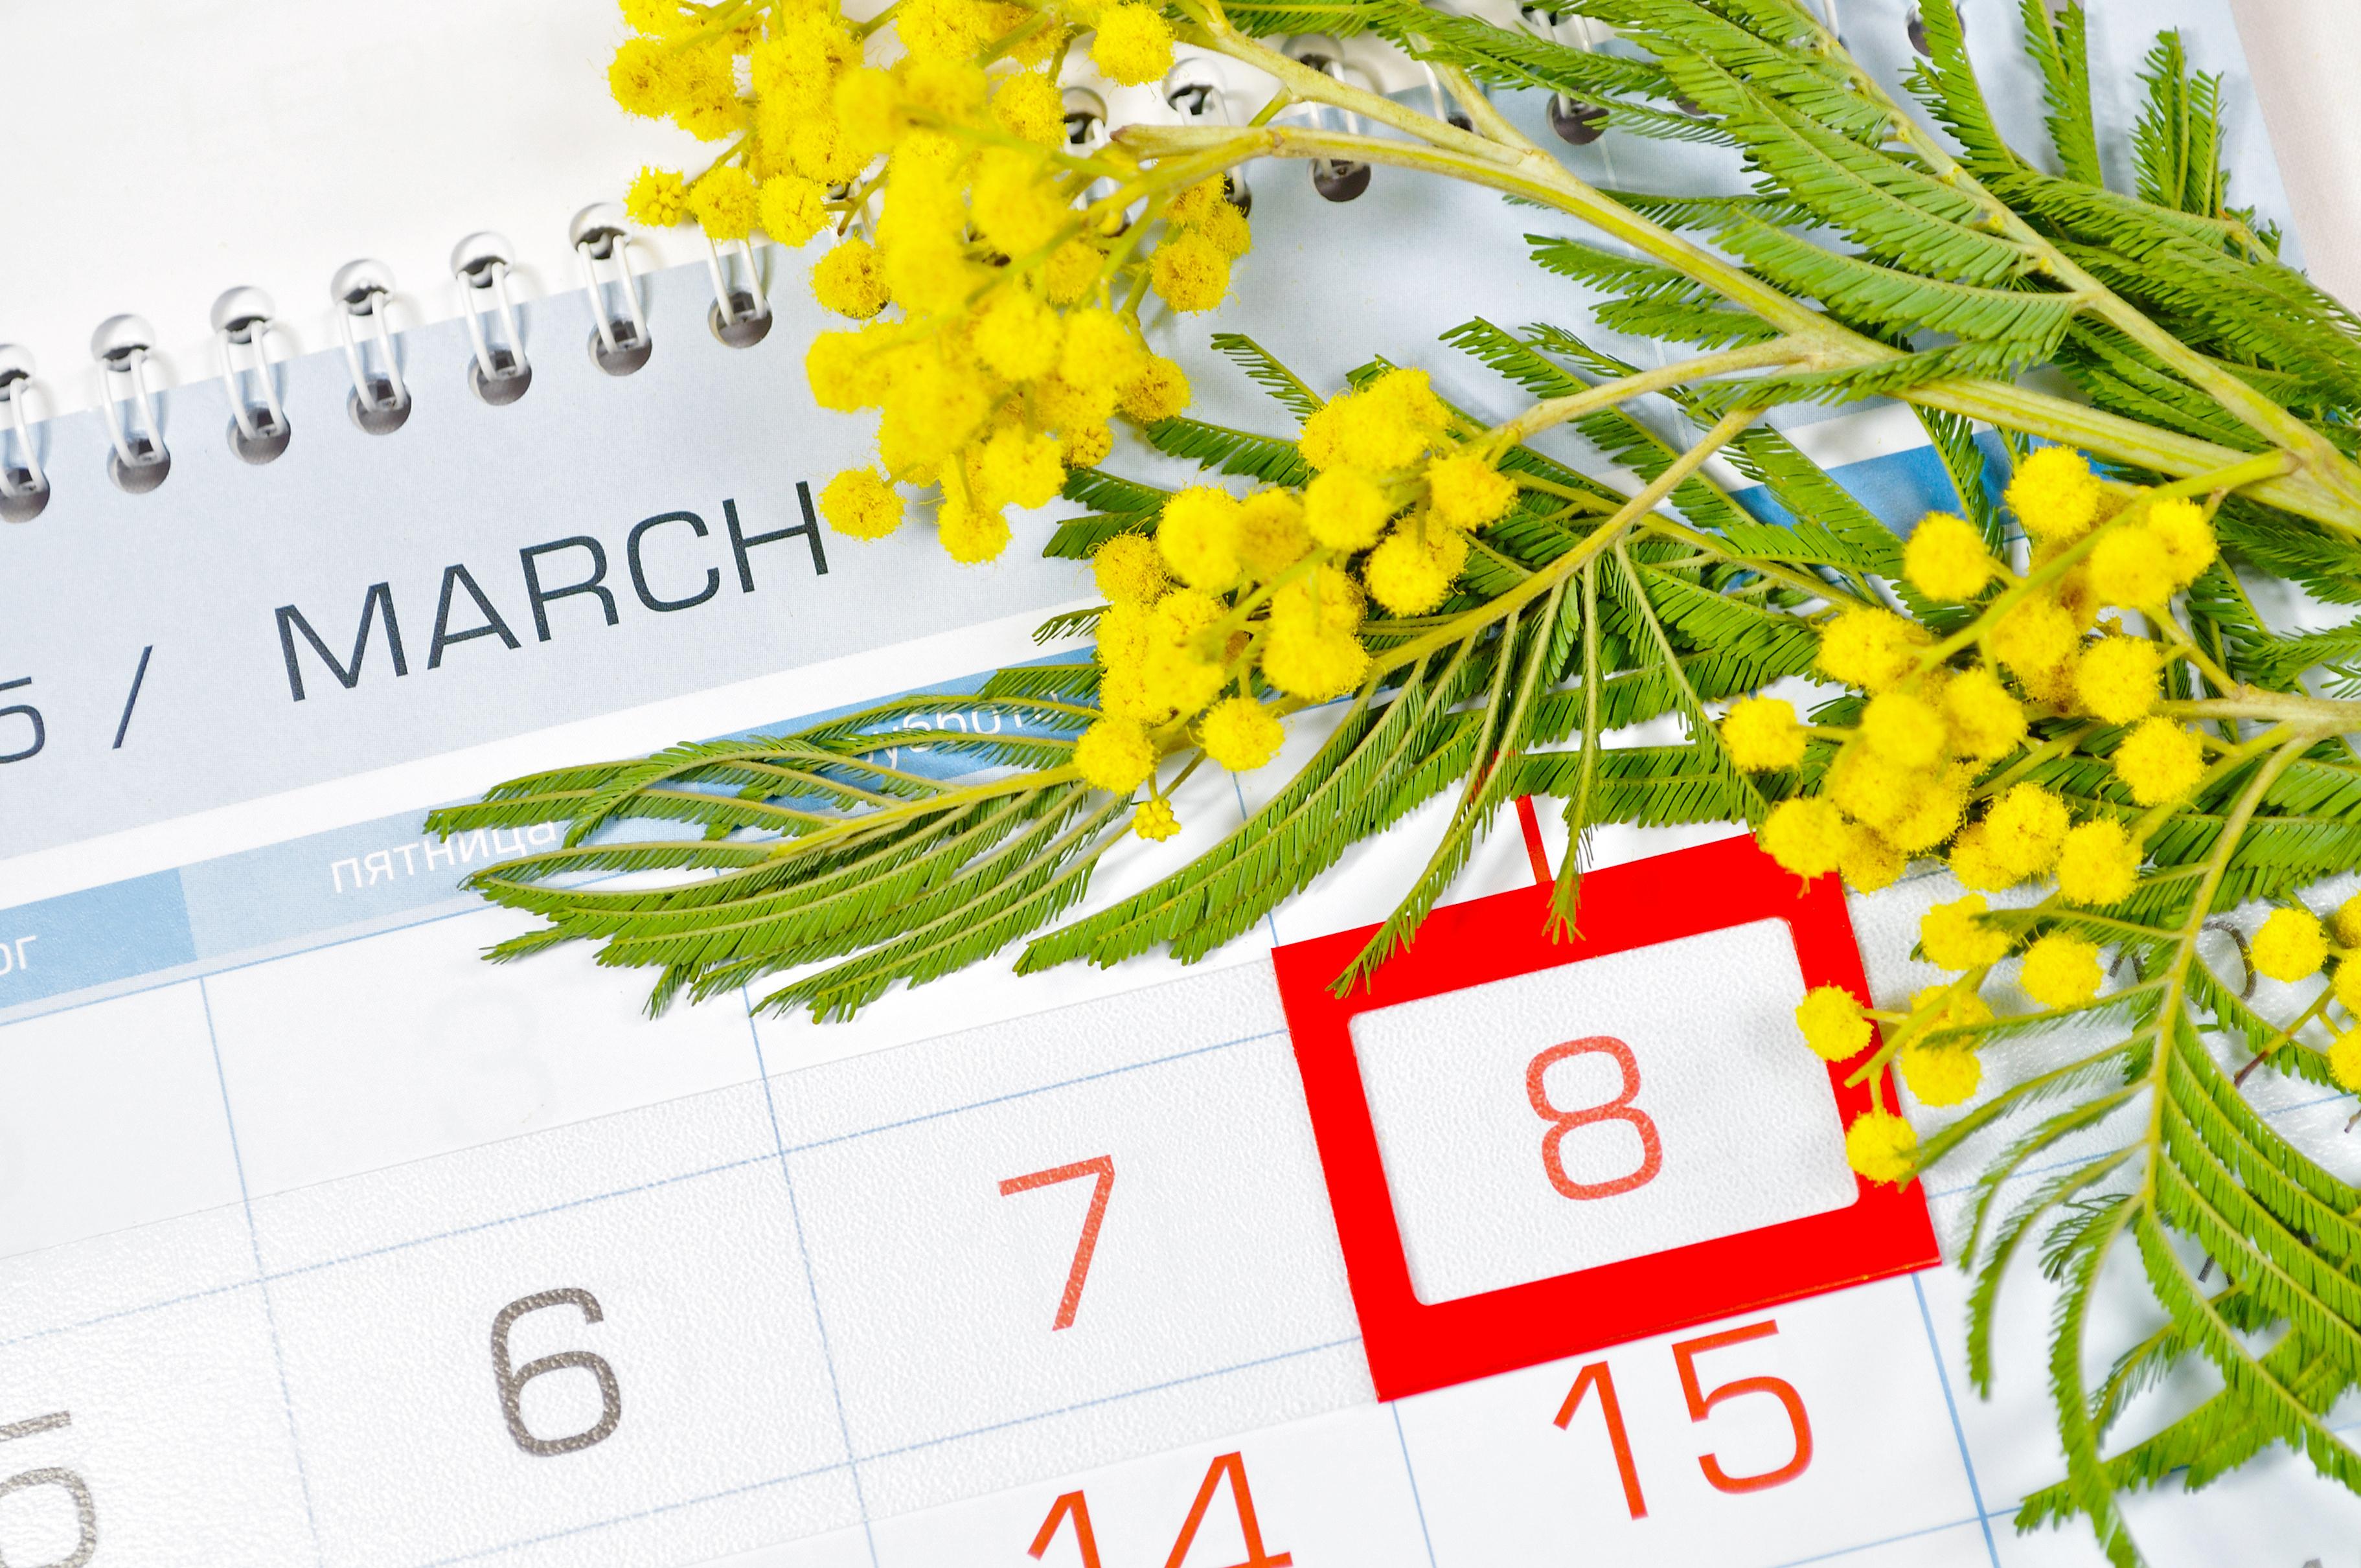 Как отдыхаем на 23 февраля и 8 марта 2019 года стало известно из трудового календаря